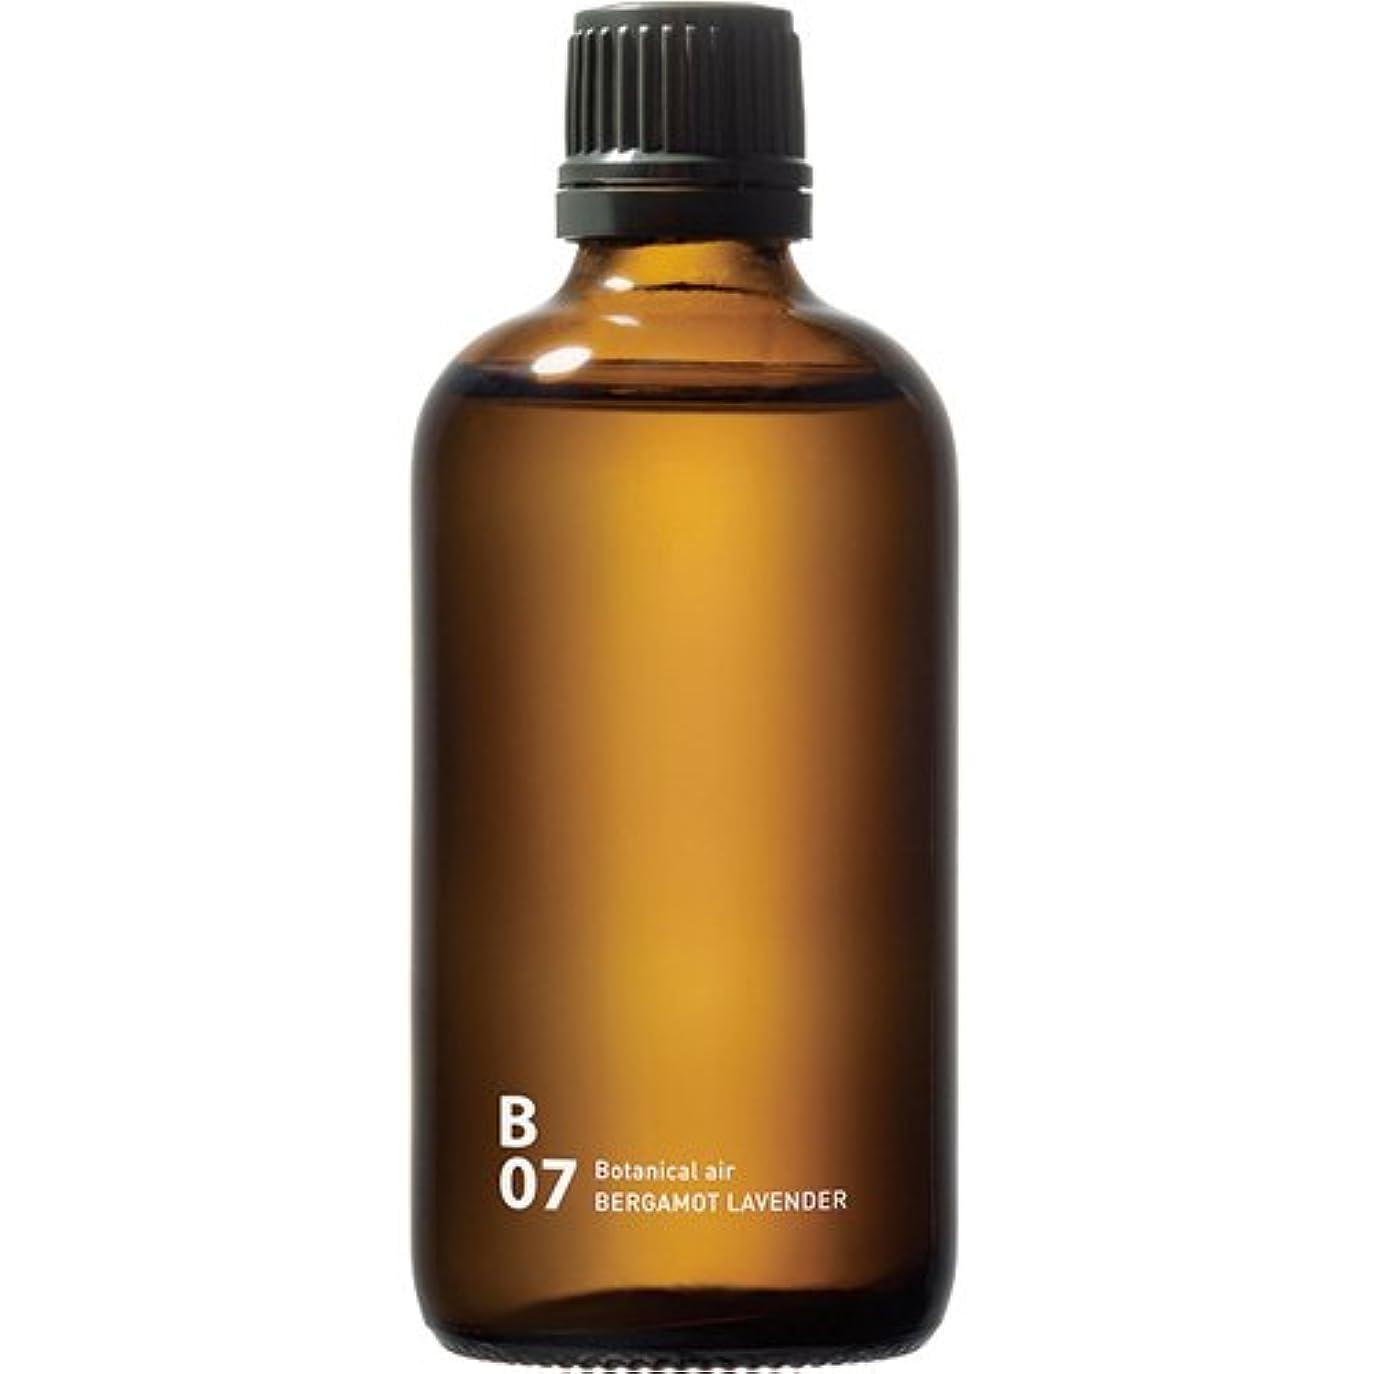 美容師記憶に残るのぞき穴B07 BERGAMOT LAVENDER piezo aroma oil 100ml